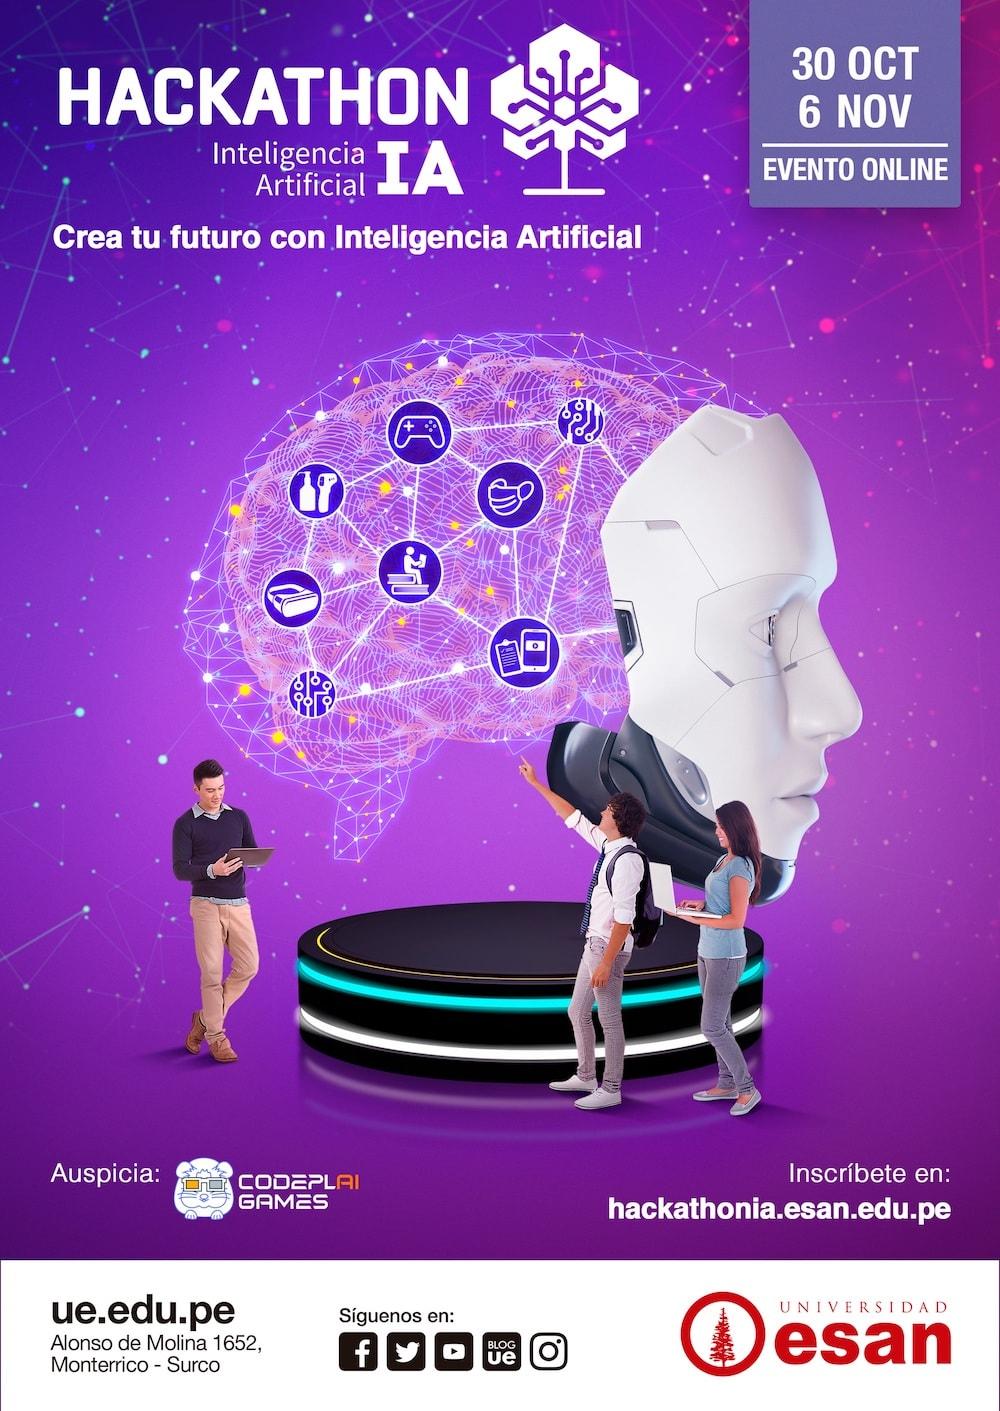 Hackathon de Inteligencia Artificial impulsar la educación básica